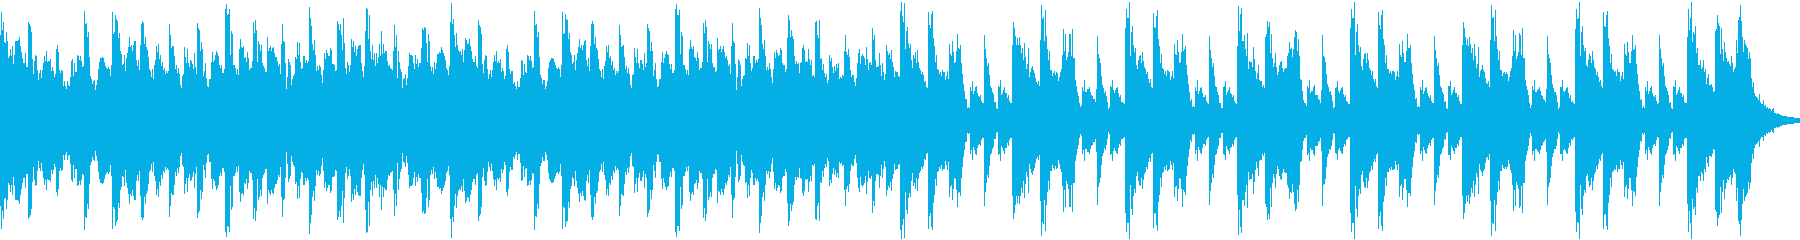 軽やかなシンセが印象的なスローテンポ曲の再生済みの波形